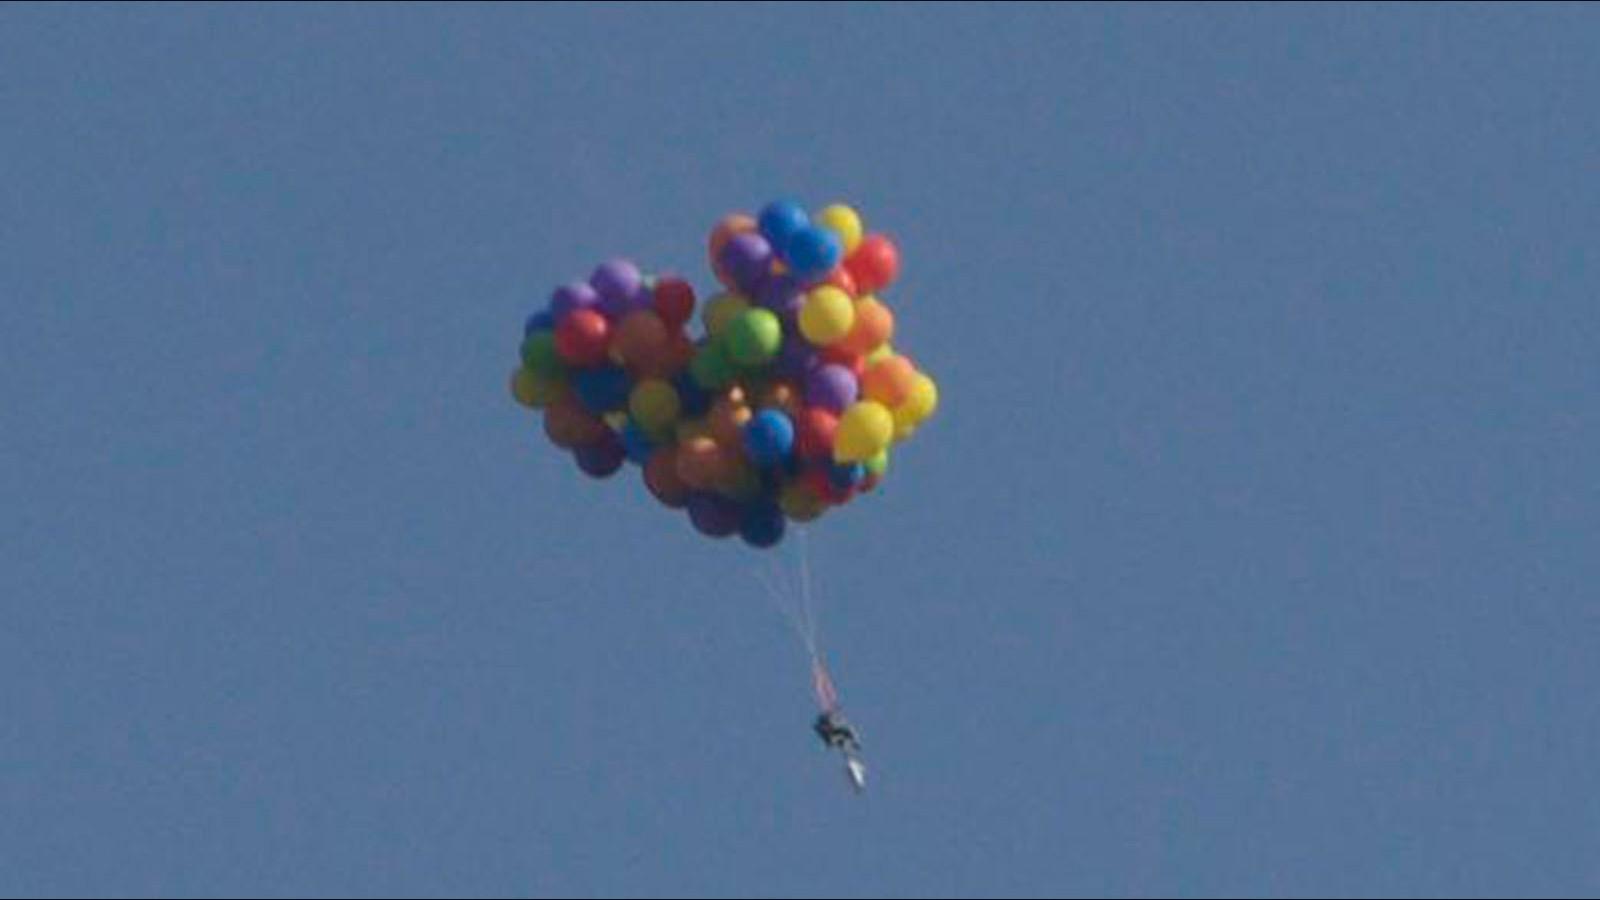 u0026 39 balloon man u0026 39  soars in lawn chair  lands in jail